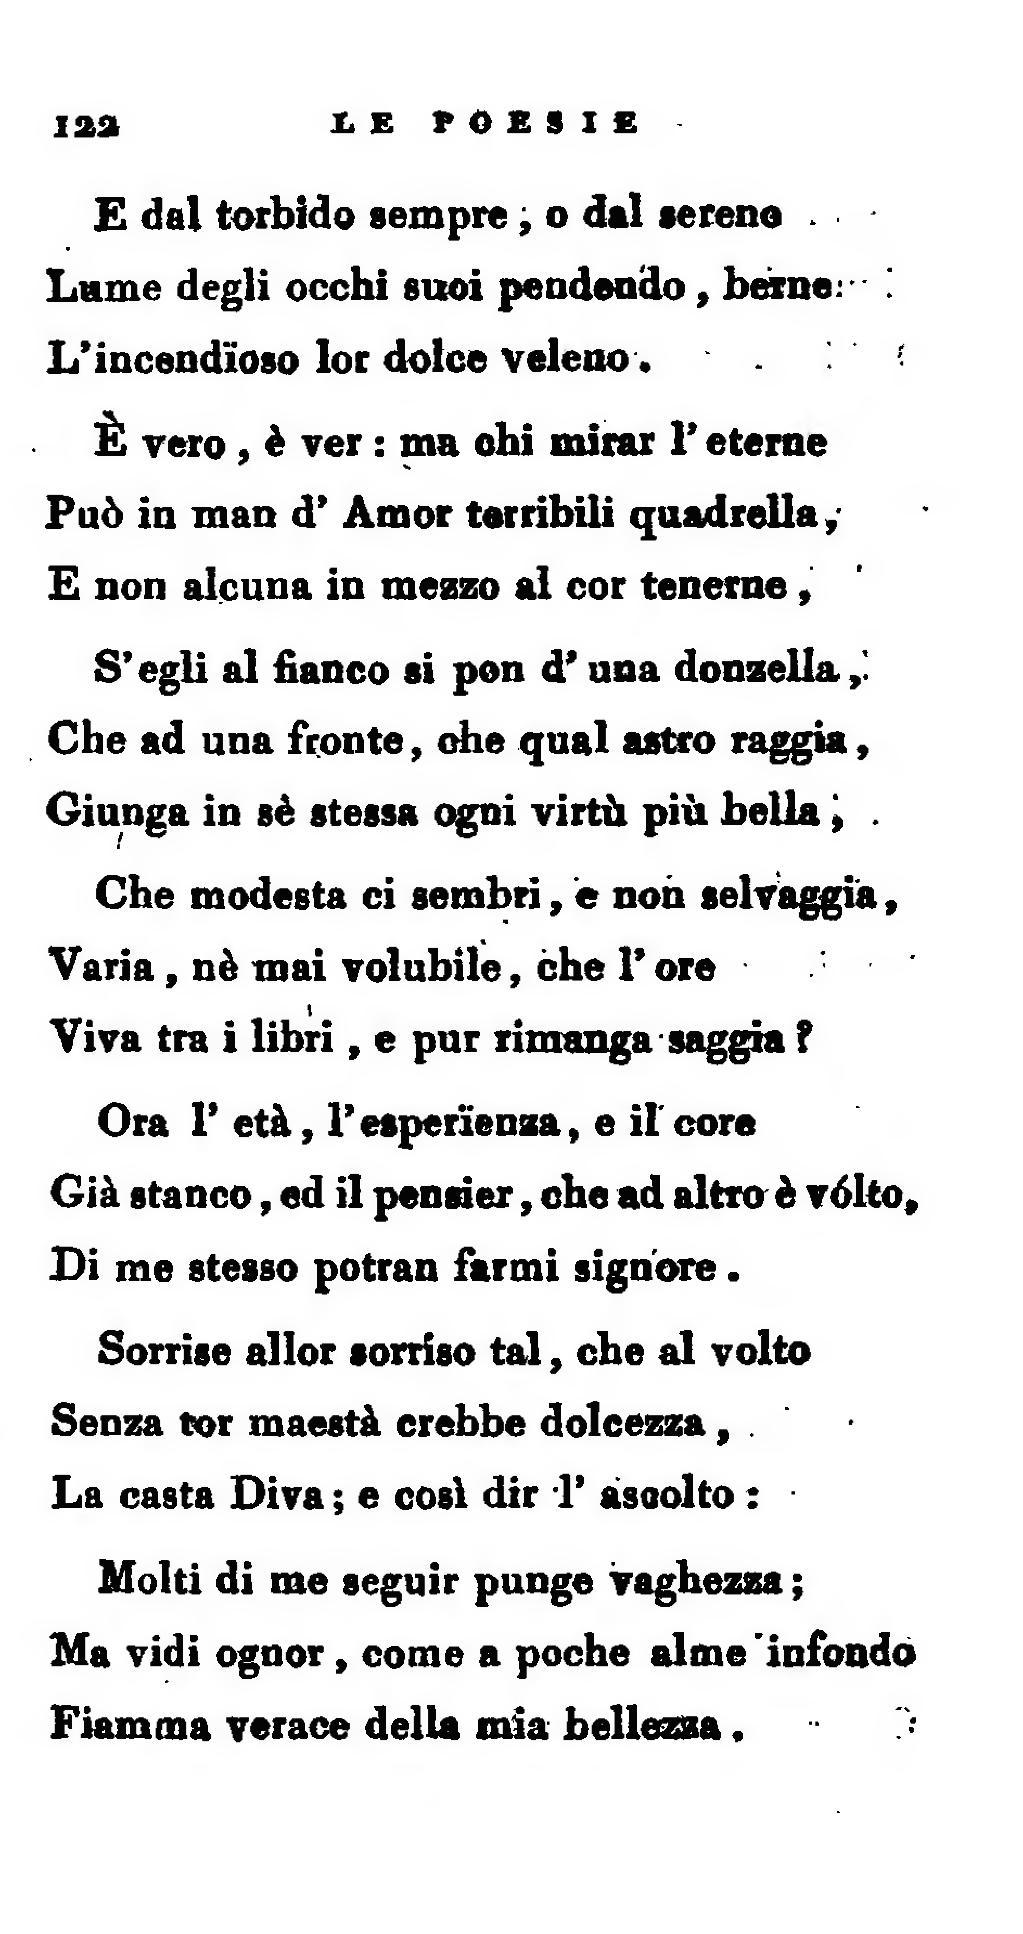 Pagina le prose e poesie campestri djvu 138 wikisource - Testo di casta diva ...